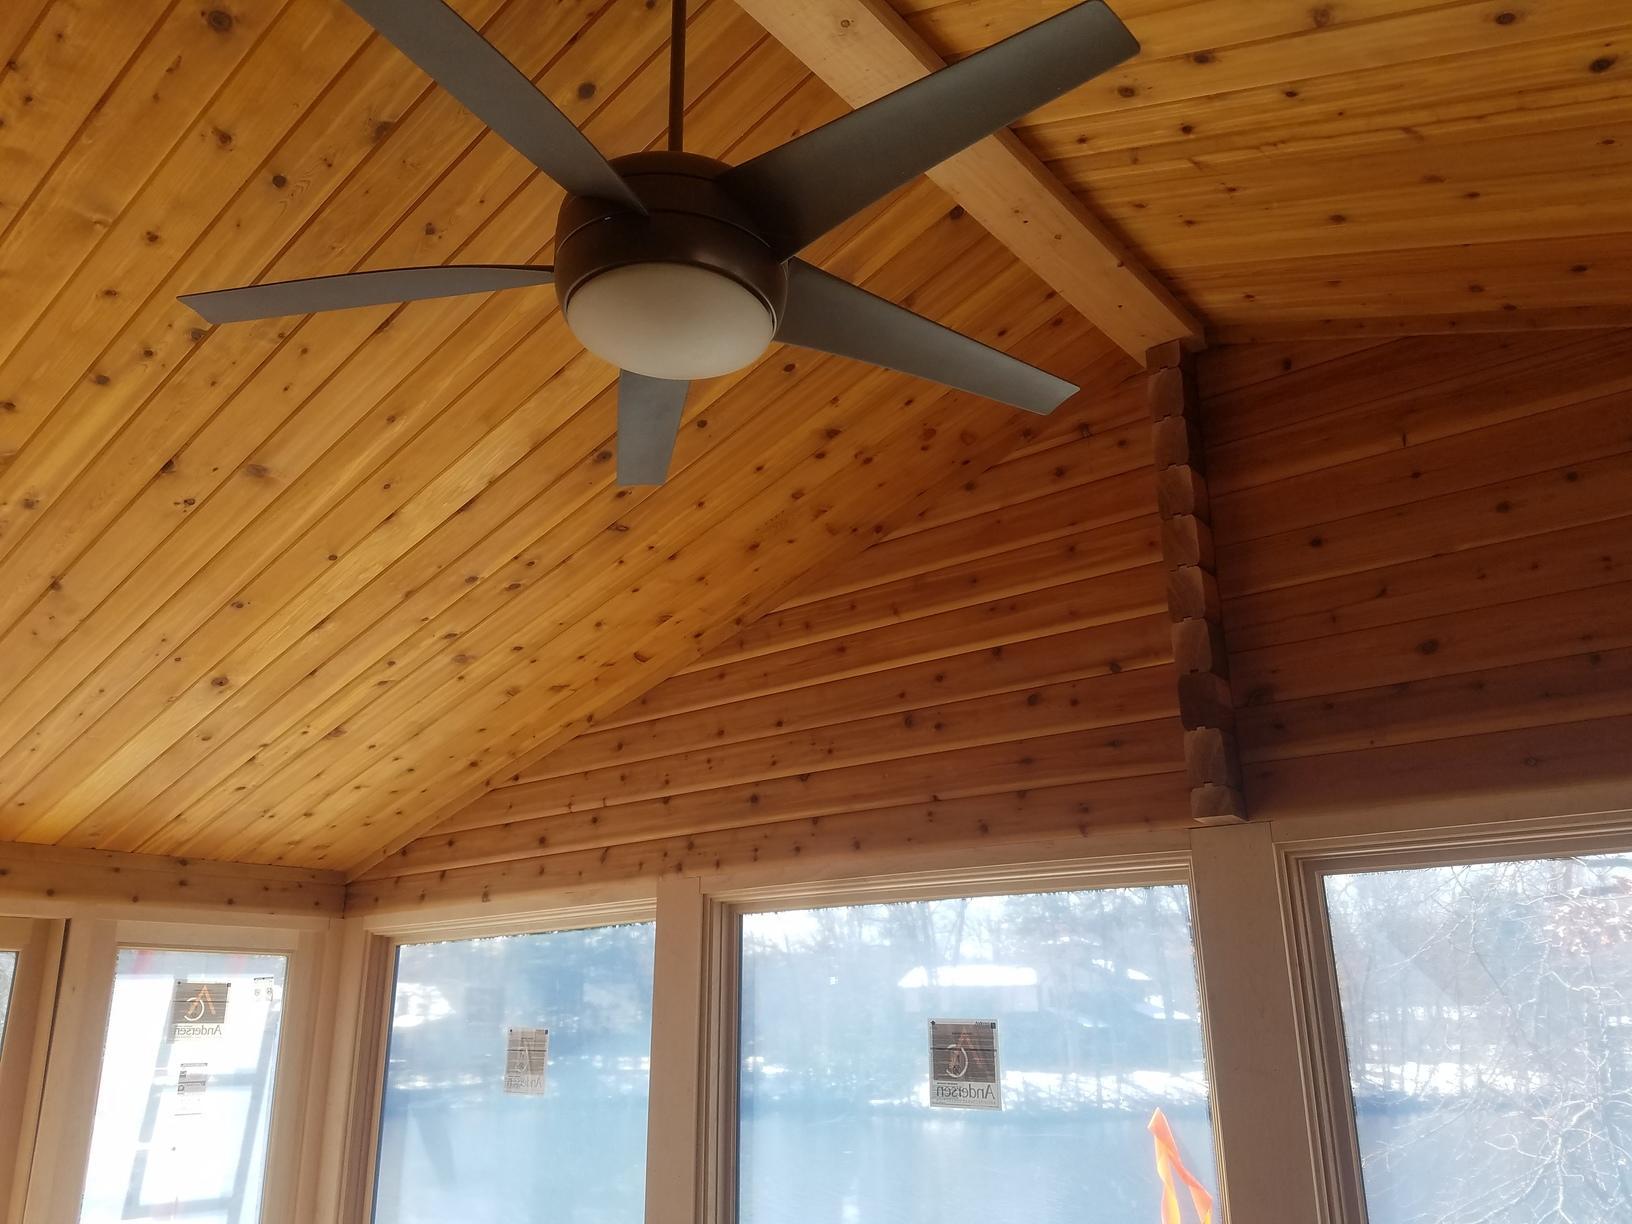 Installing New Wood Ceilings in Sunroom